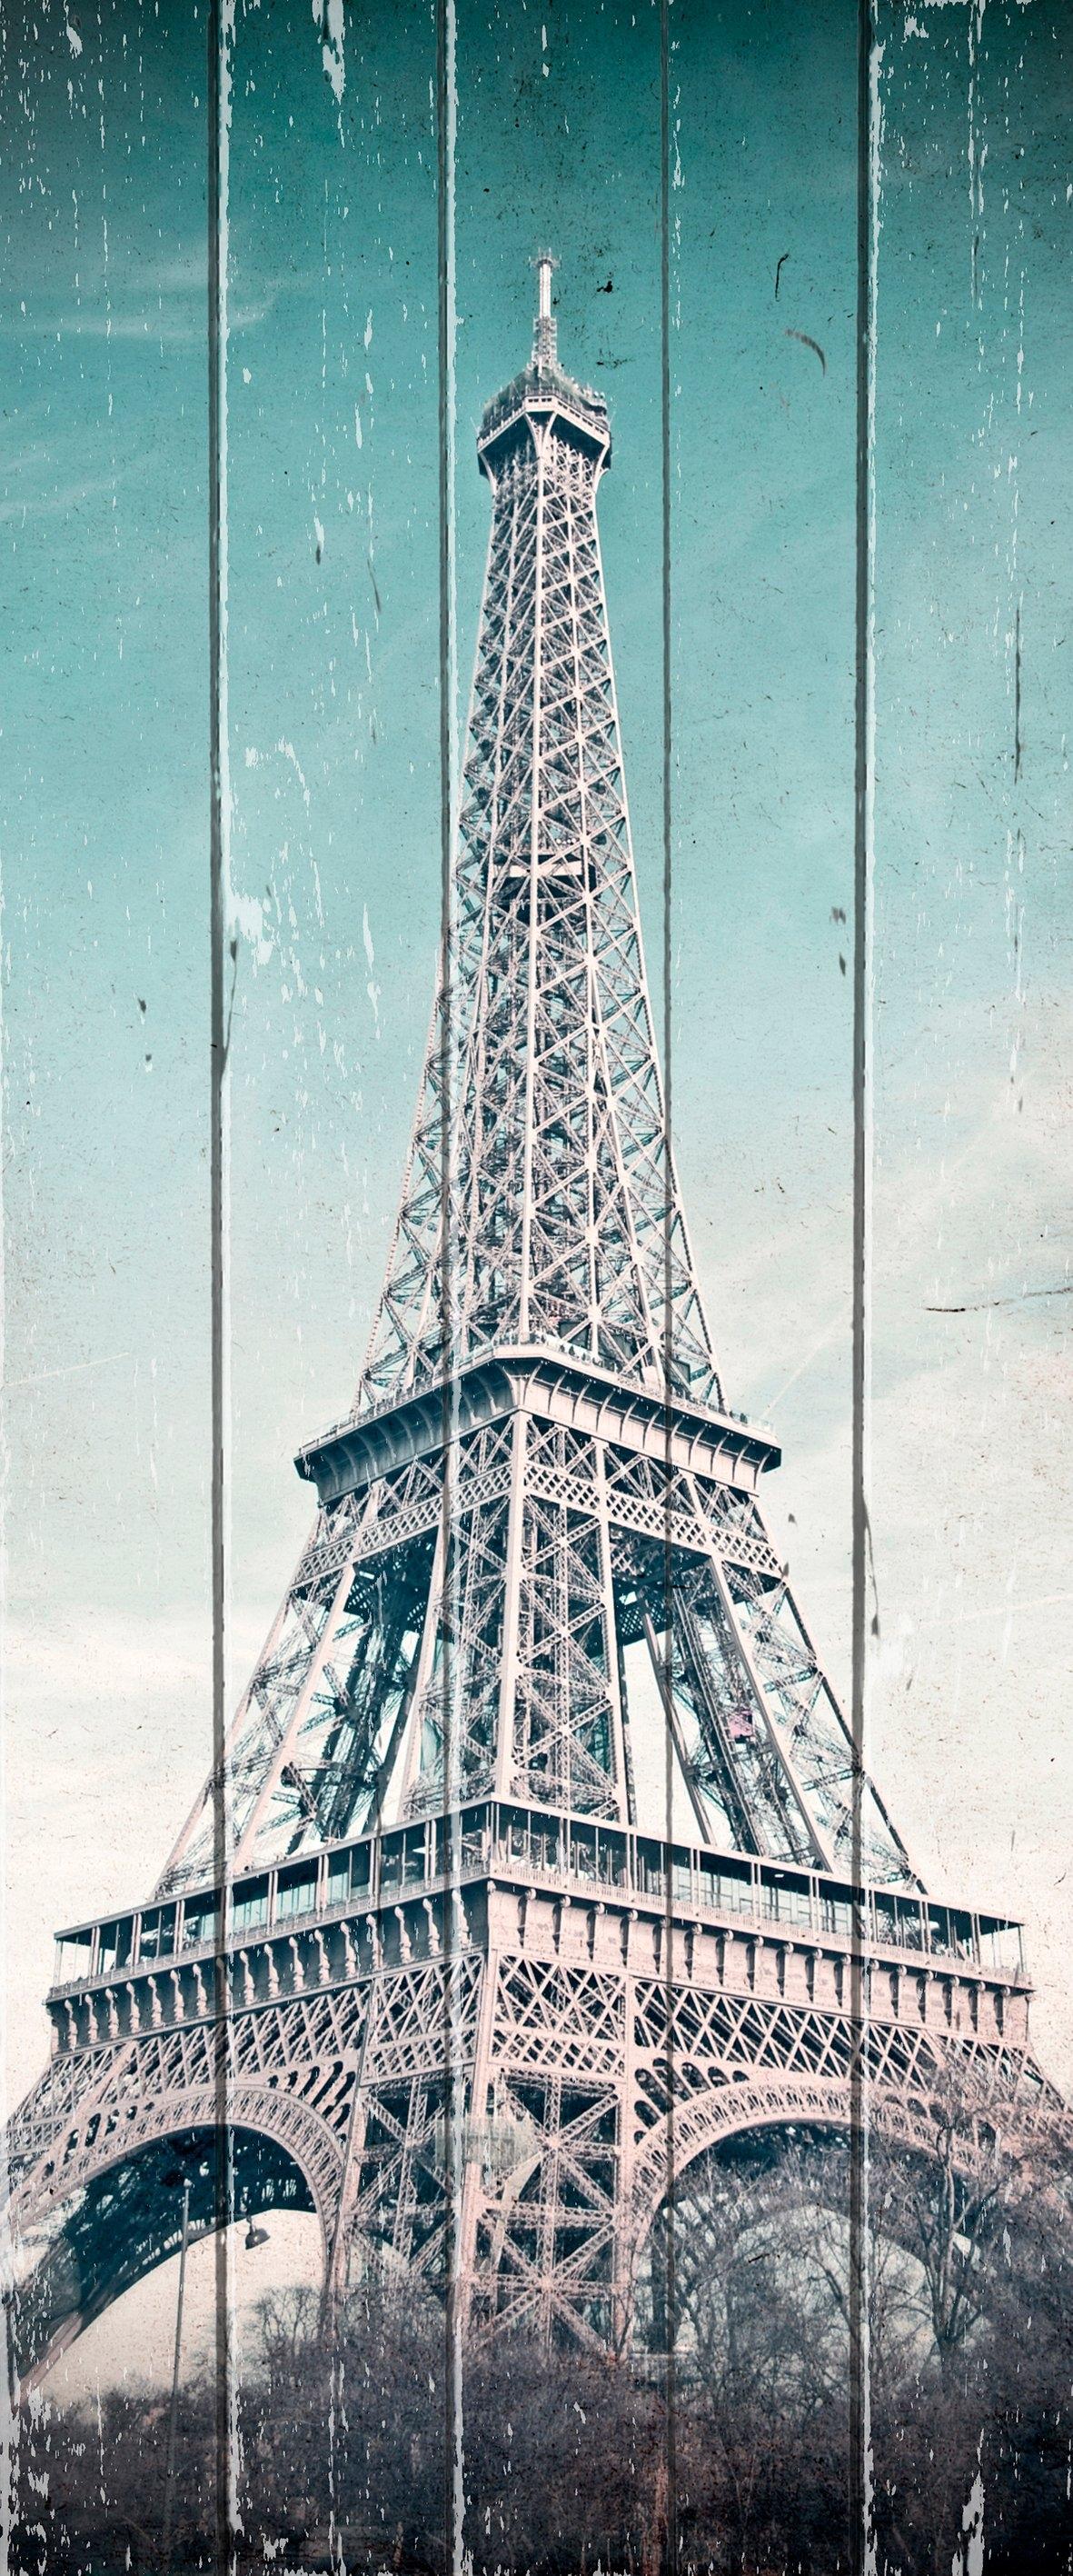 Op zoek naar een Queence artprint op hout »Vintage Eifelturm«, 80x40 cm Echtholz? Koop online bij OTTO